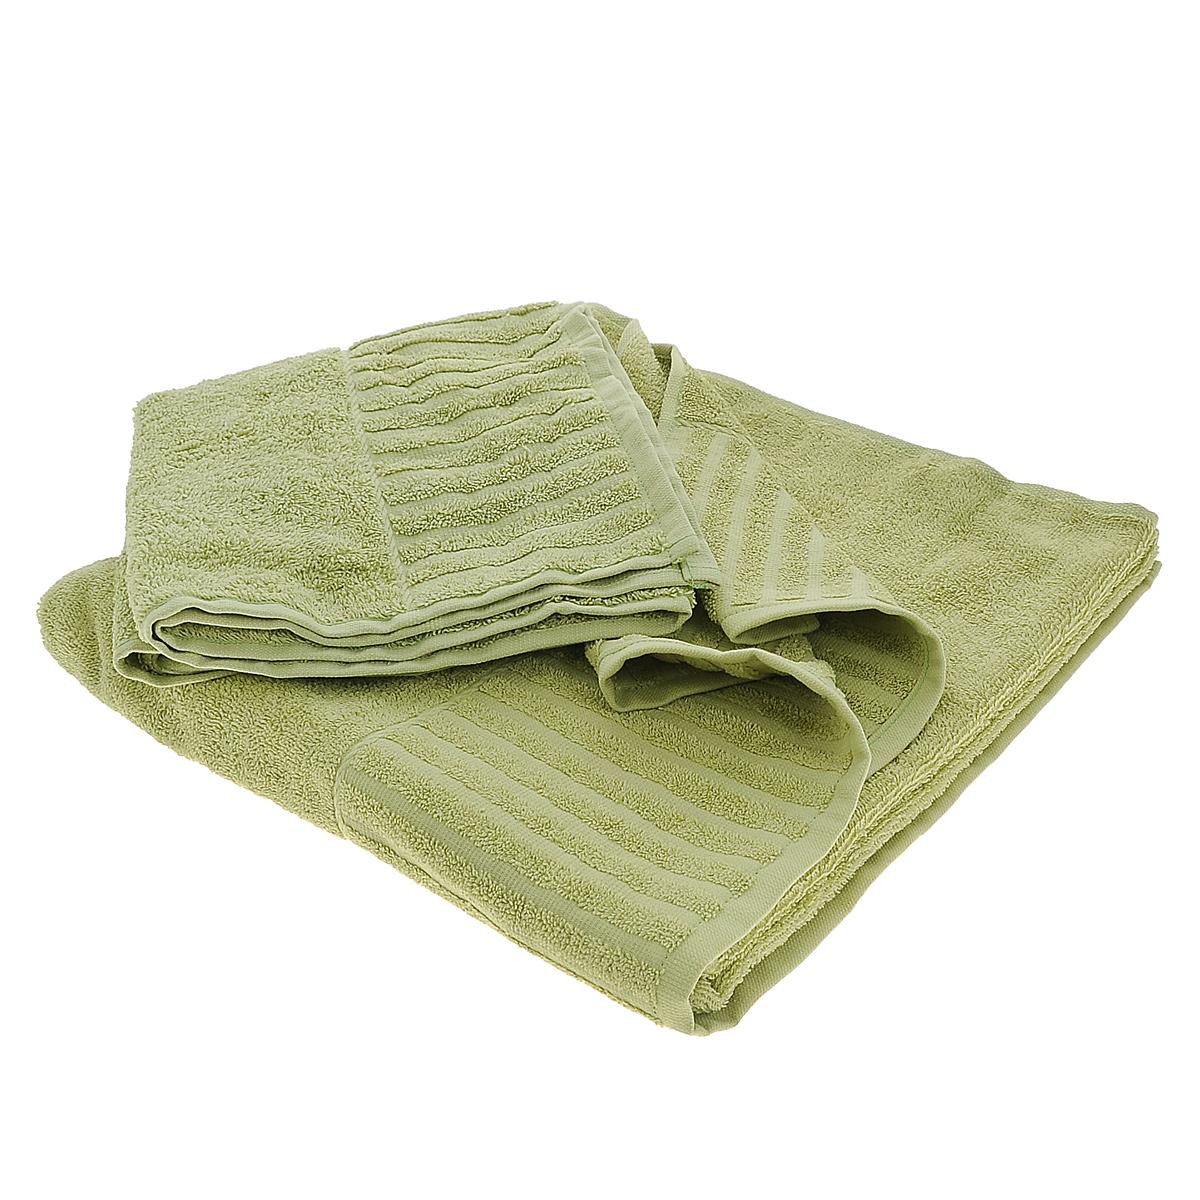 Набор махровых полотенец Bonita, цвет: оливковый, 2 шт68/5/1Набор Bonita состоит из двух полотенец разного размера, выполненных из натурального хлопка. Такие полотенца отлично впитывают влагу, быстро сохнут, сохраняют яркость цвета и не теряют формы даже после многократных стирок. Полотенца очень практичны и неприхотливы в уходе. Размер полотенец: 50 см х 90 см; 70 см х 140 см.